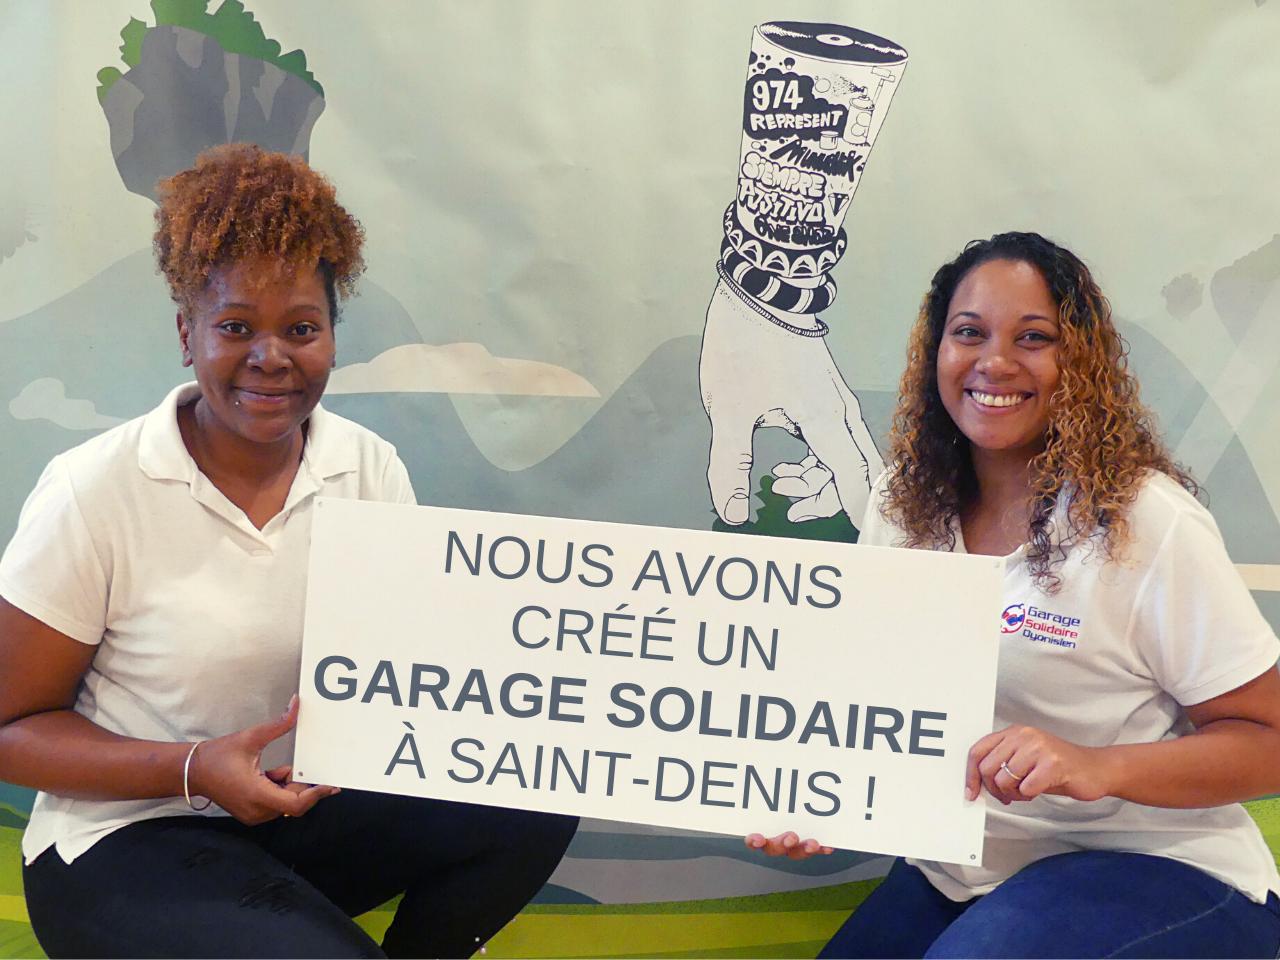 Le gareage solidaire de saint-denis